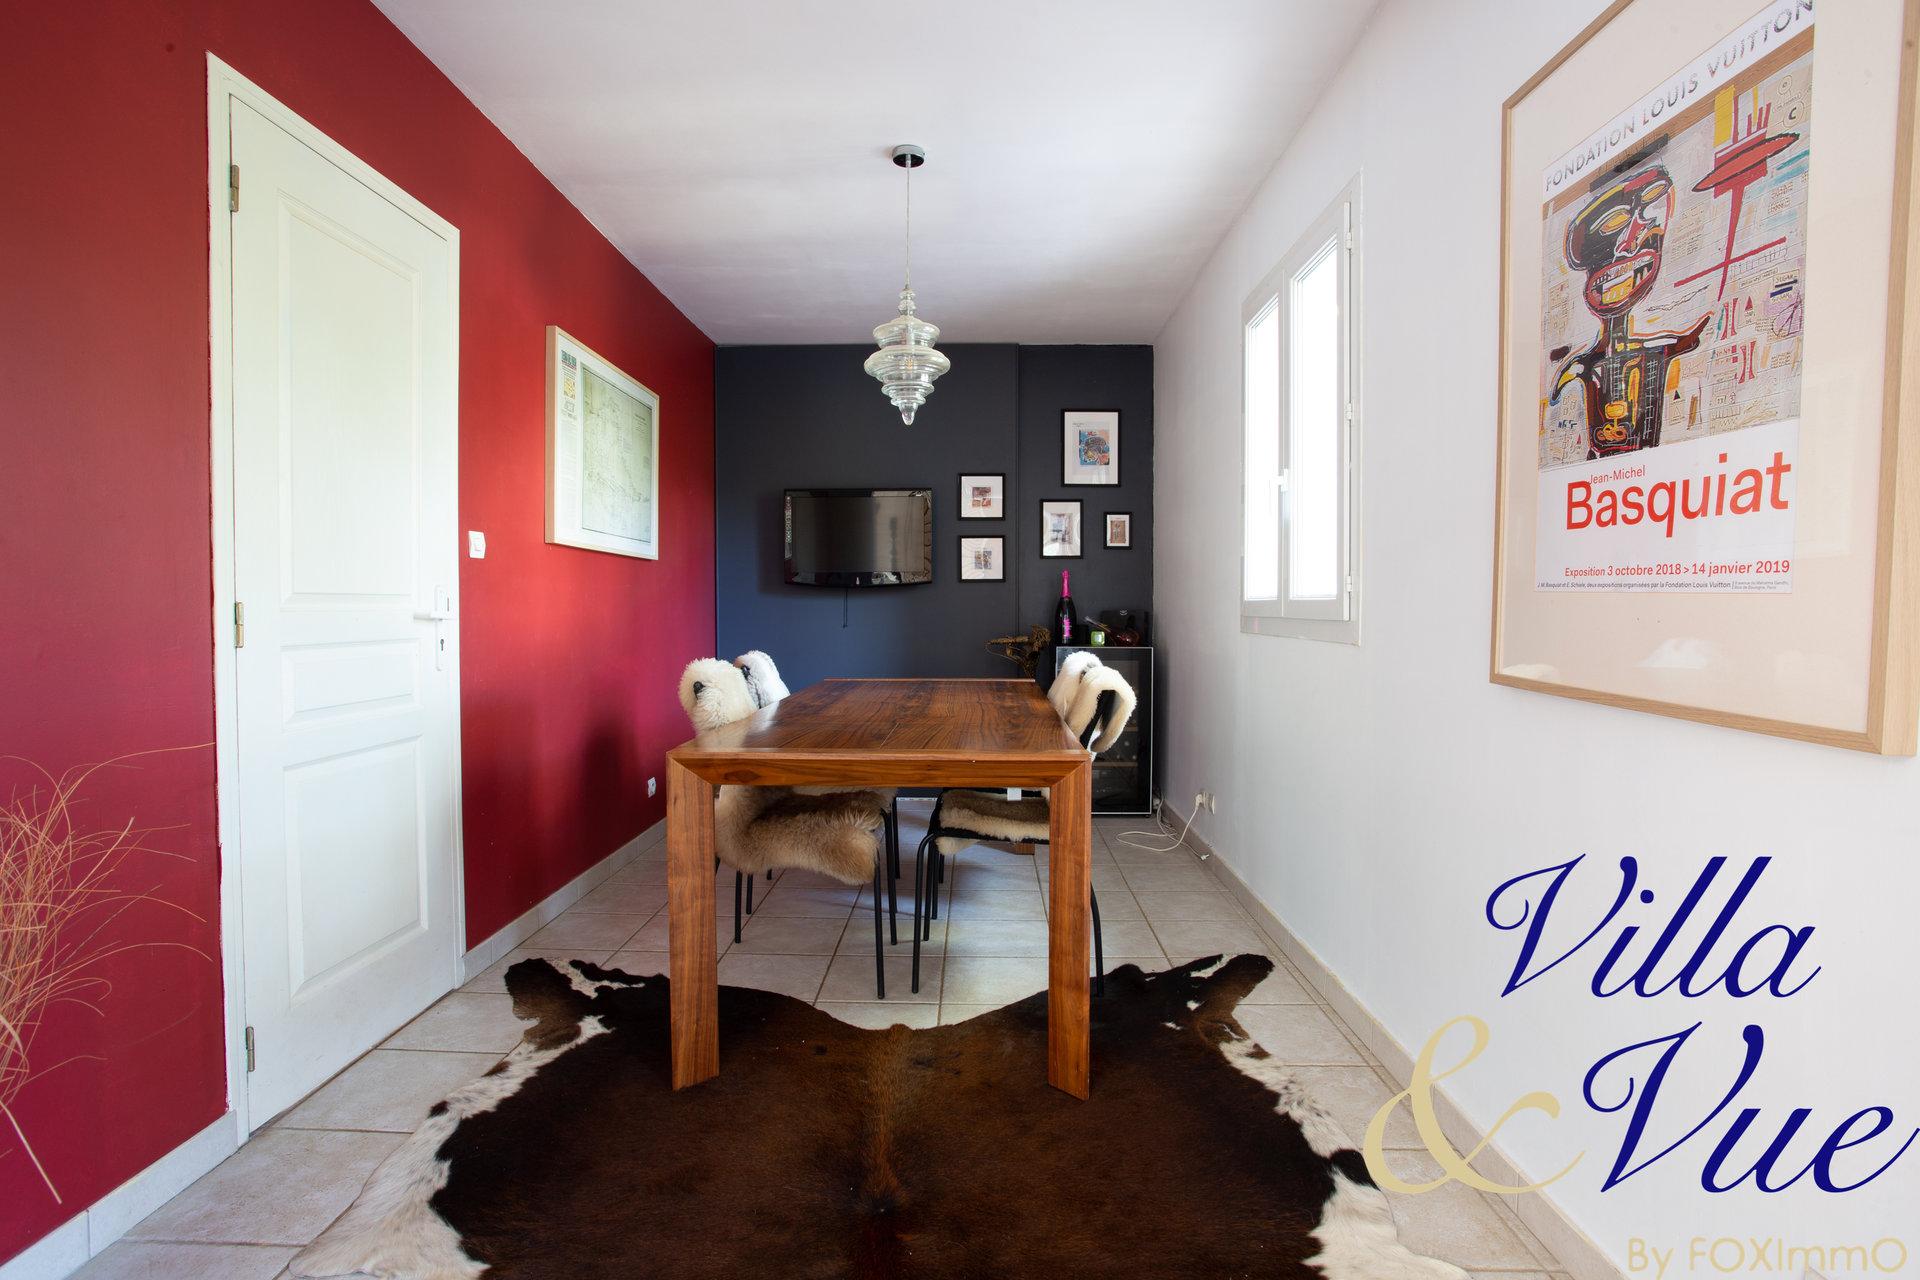 GROUND FLOOR VILLA- 5 BEDROOMS - Very quiet